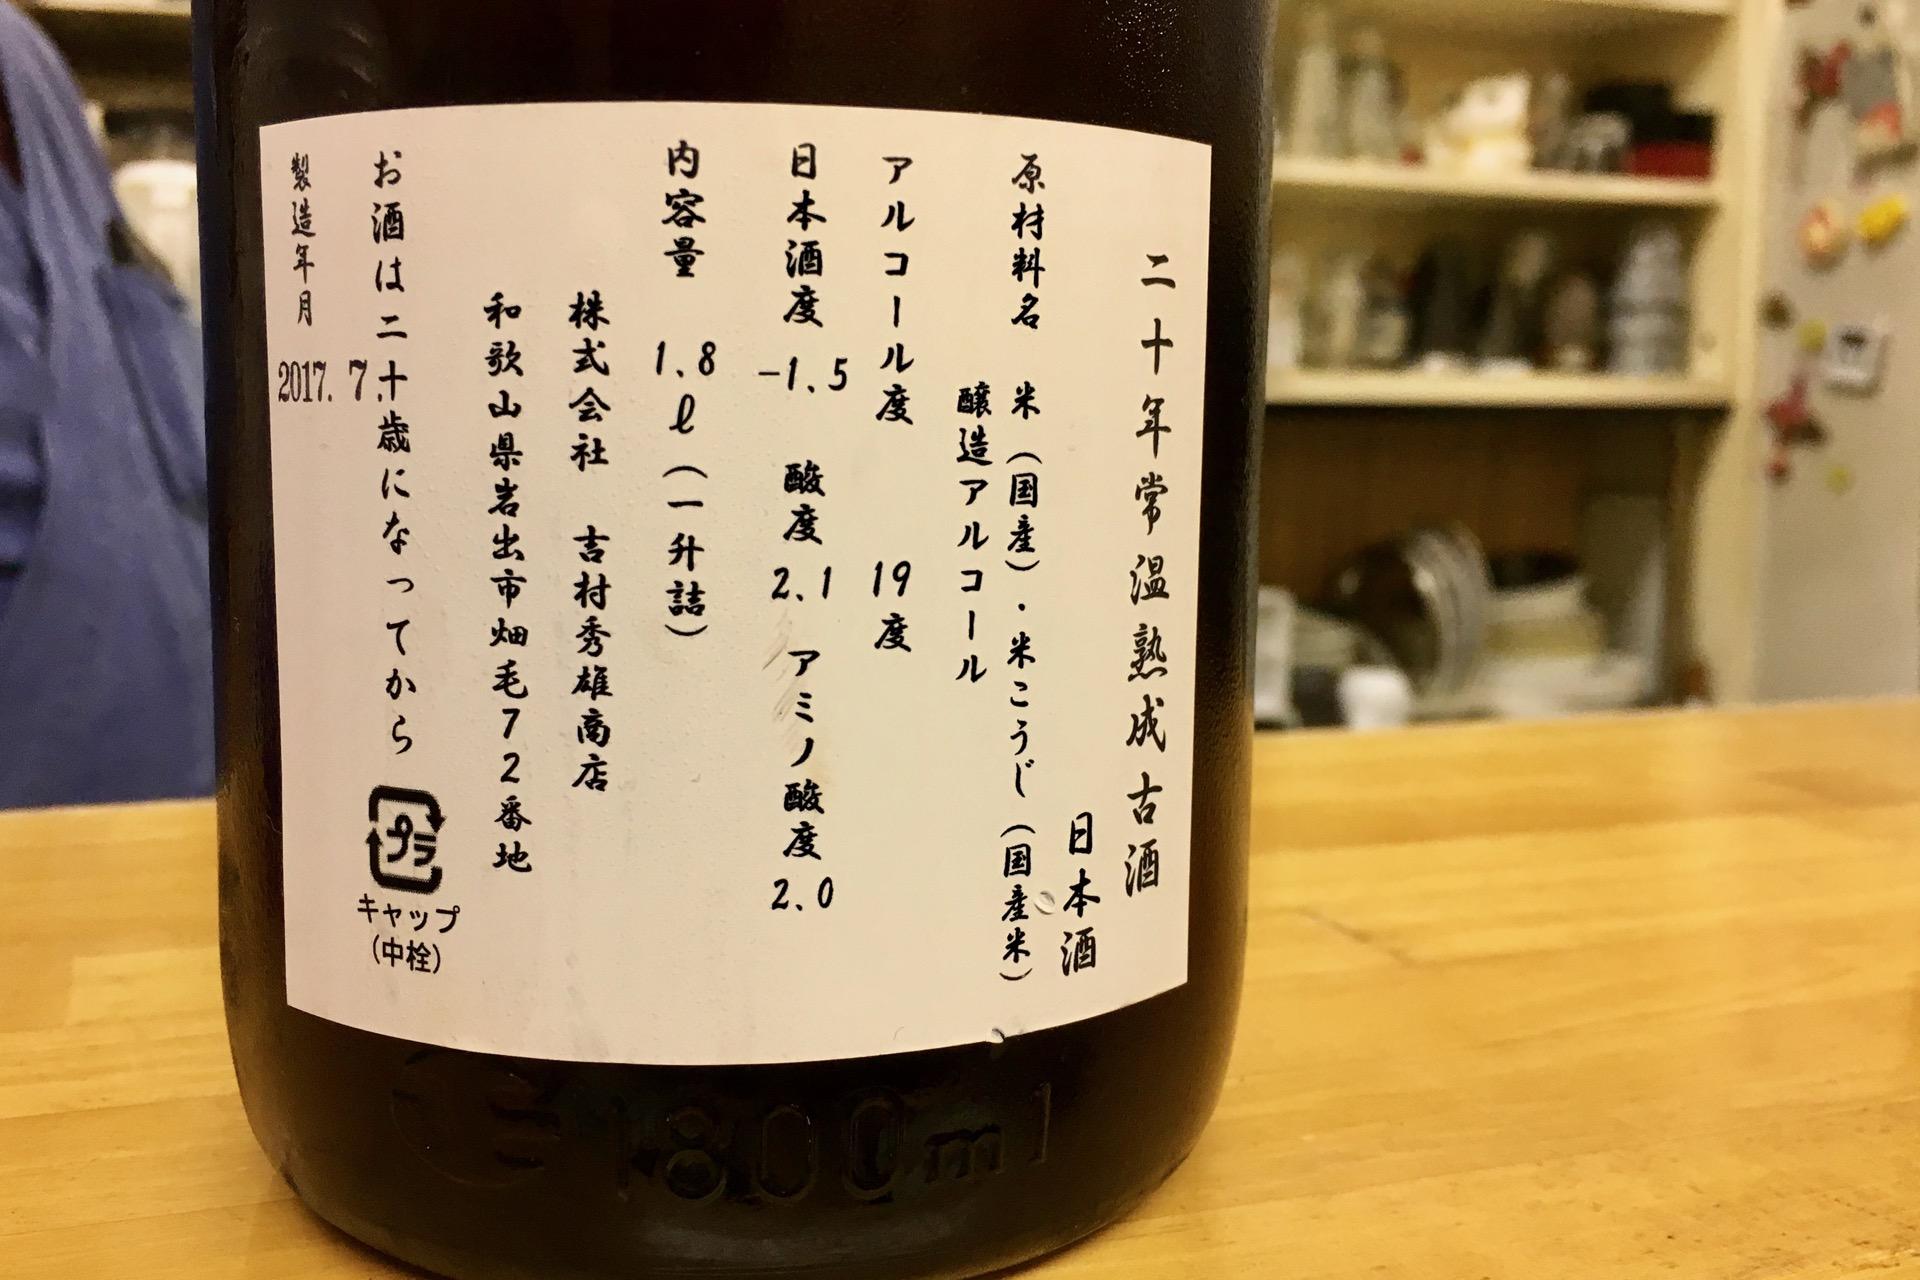 二十年常温熟成古酒(吉村秀雄商店)|日本酒テイスティングノート